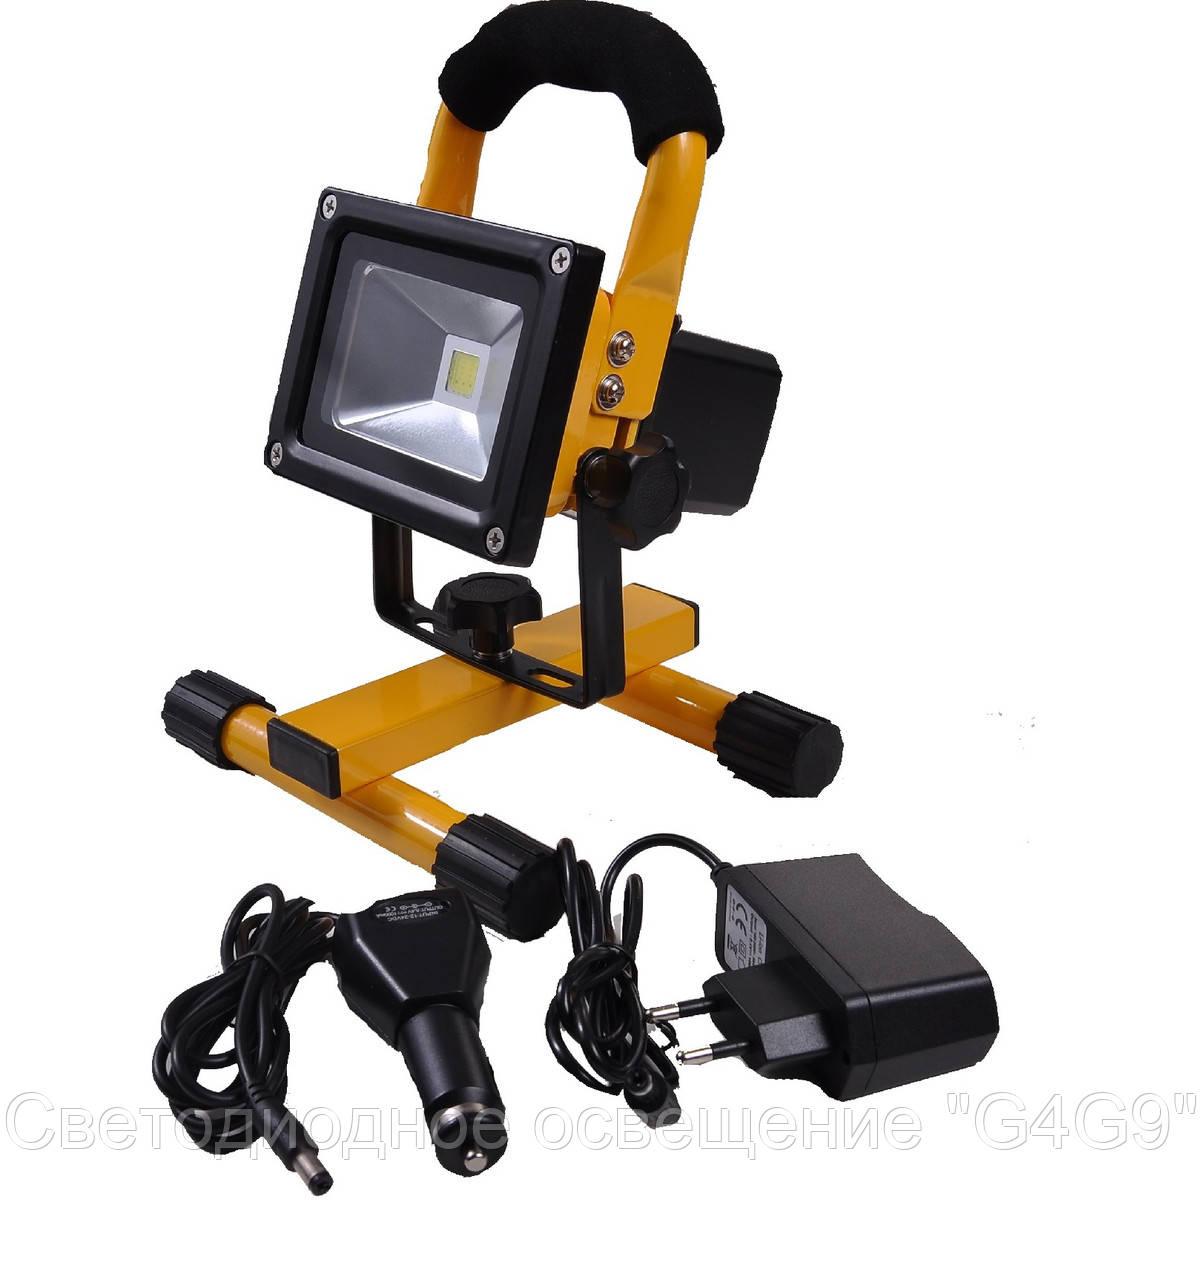 Аккумуляторный светодиодный прожектор 10 Вт + Led лампа Е27 7W 3000K в подарок